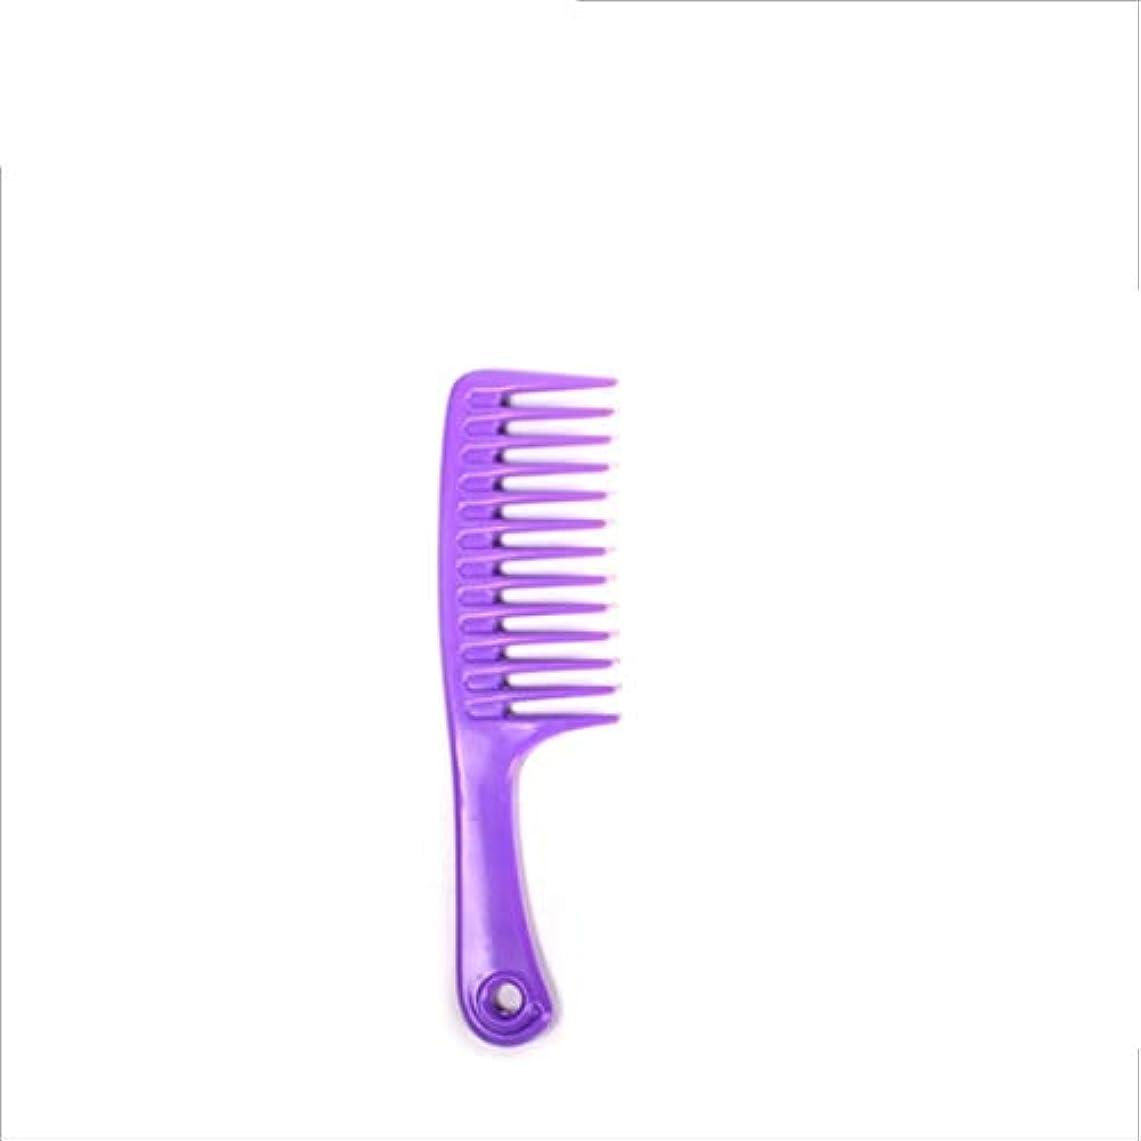 百位置する取り扱いプラスチックのための大きい歯が付いているゴム製櫛および色のVary-24.5cmの帯電防止ほぐれの櫛 ヘアケア (色 : 紫の)